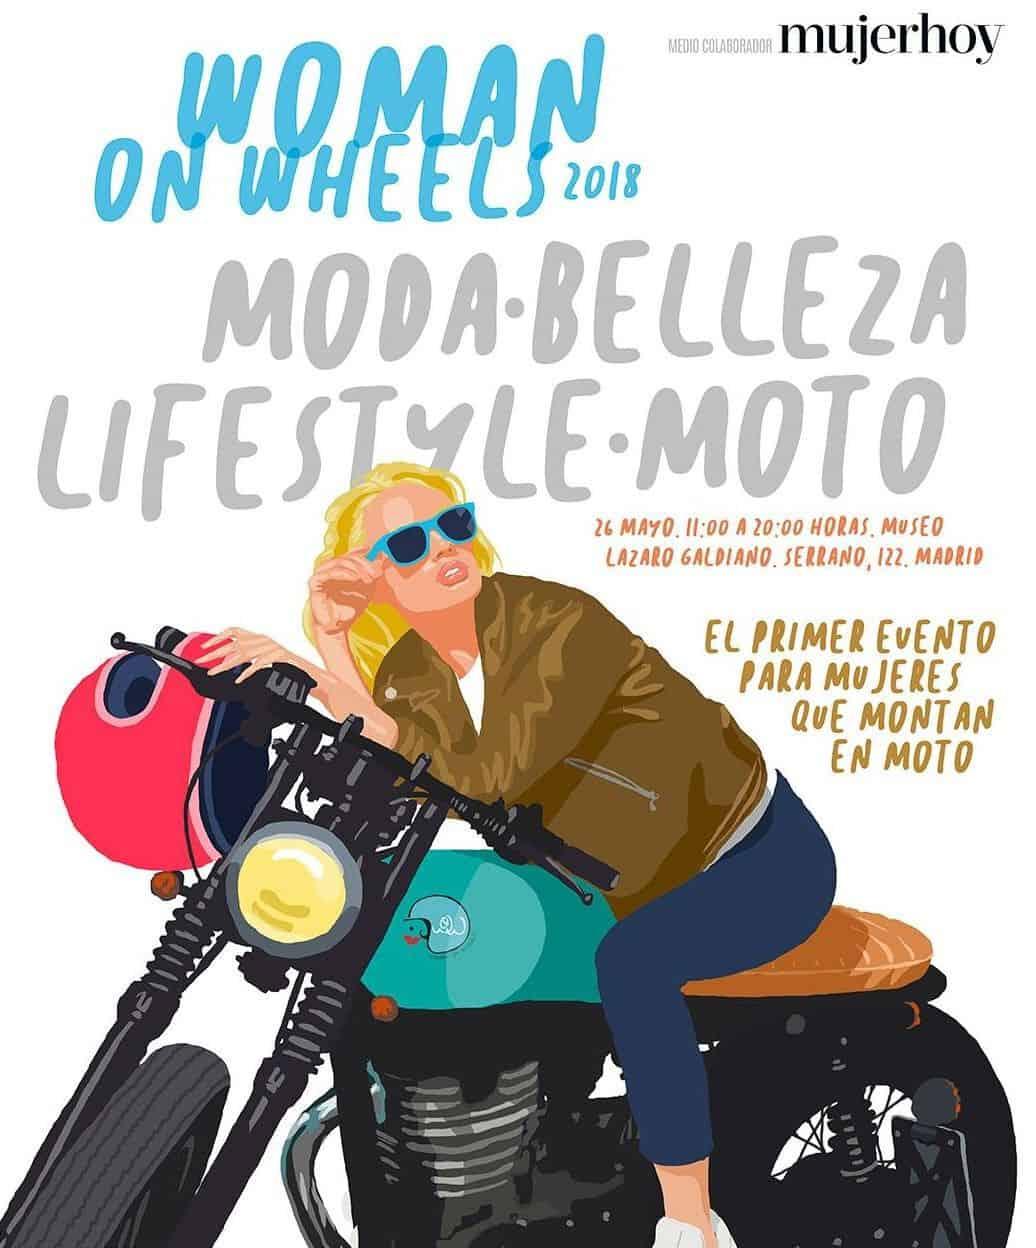 Women on wheels modified